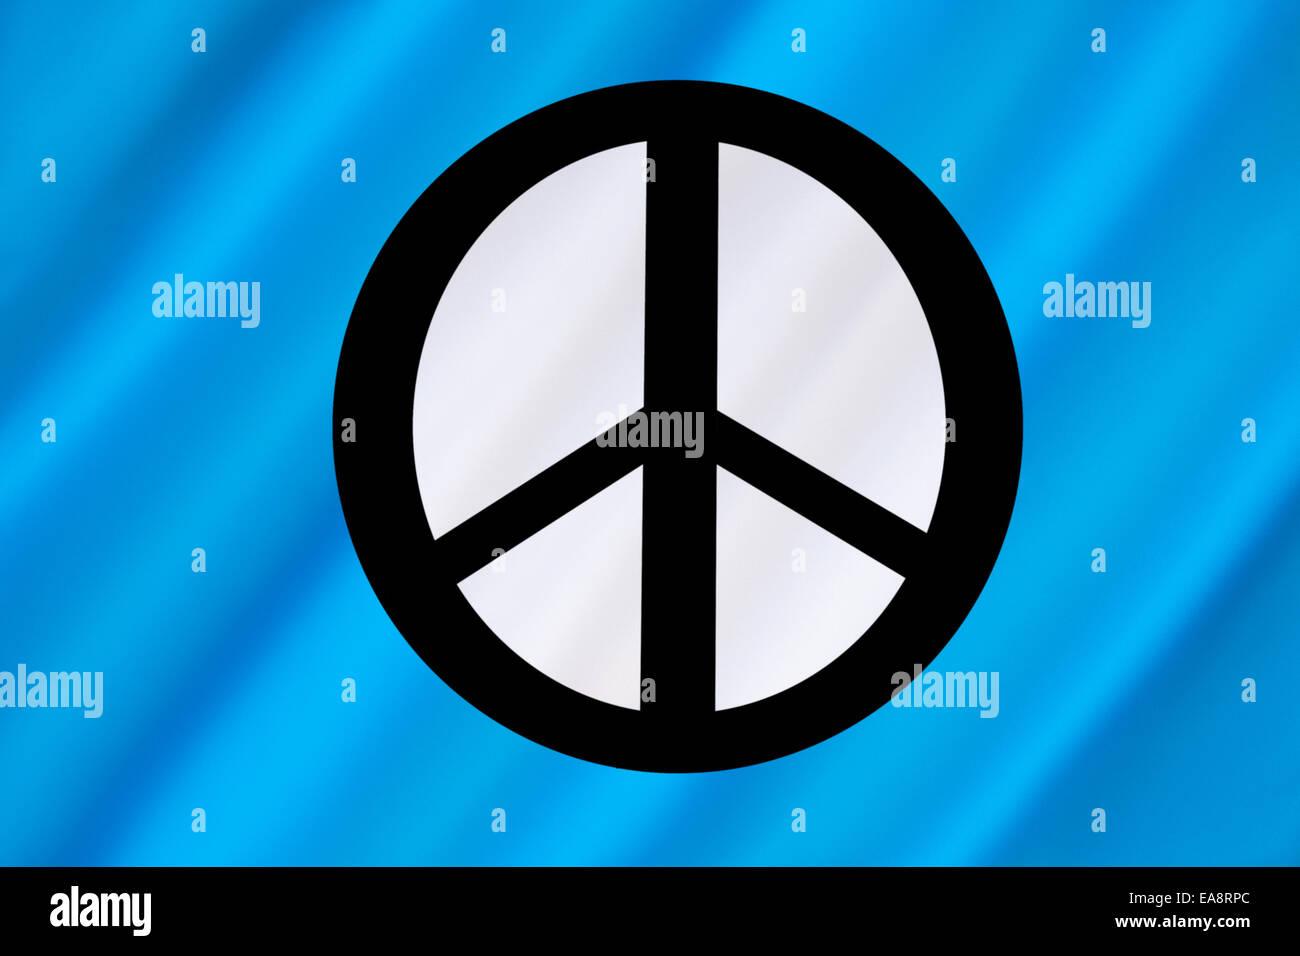 Pavillon de la campagne pour le Désarmement Nucléaire (CND) Photo Stock